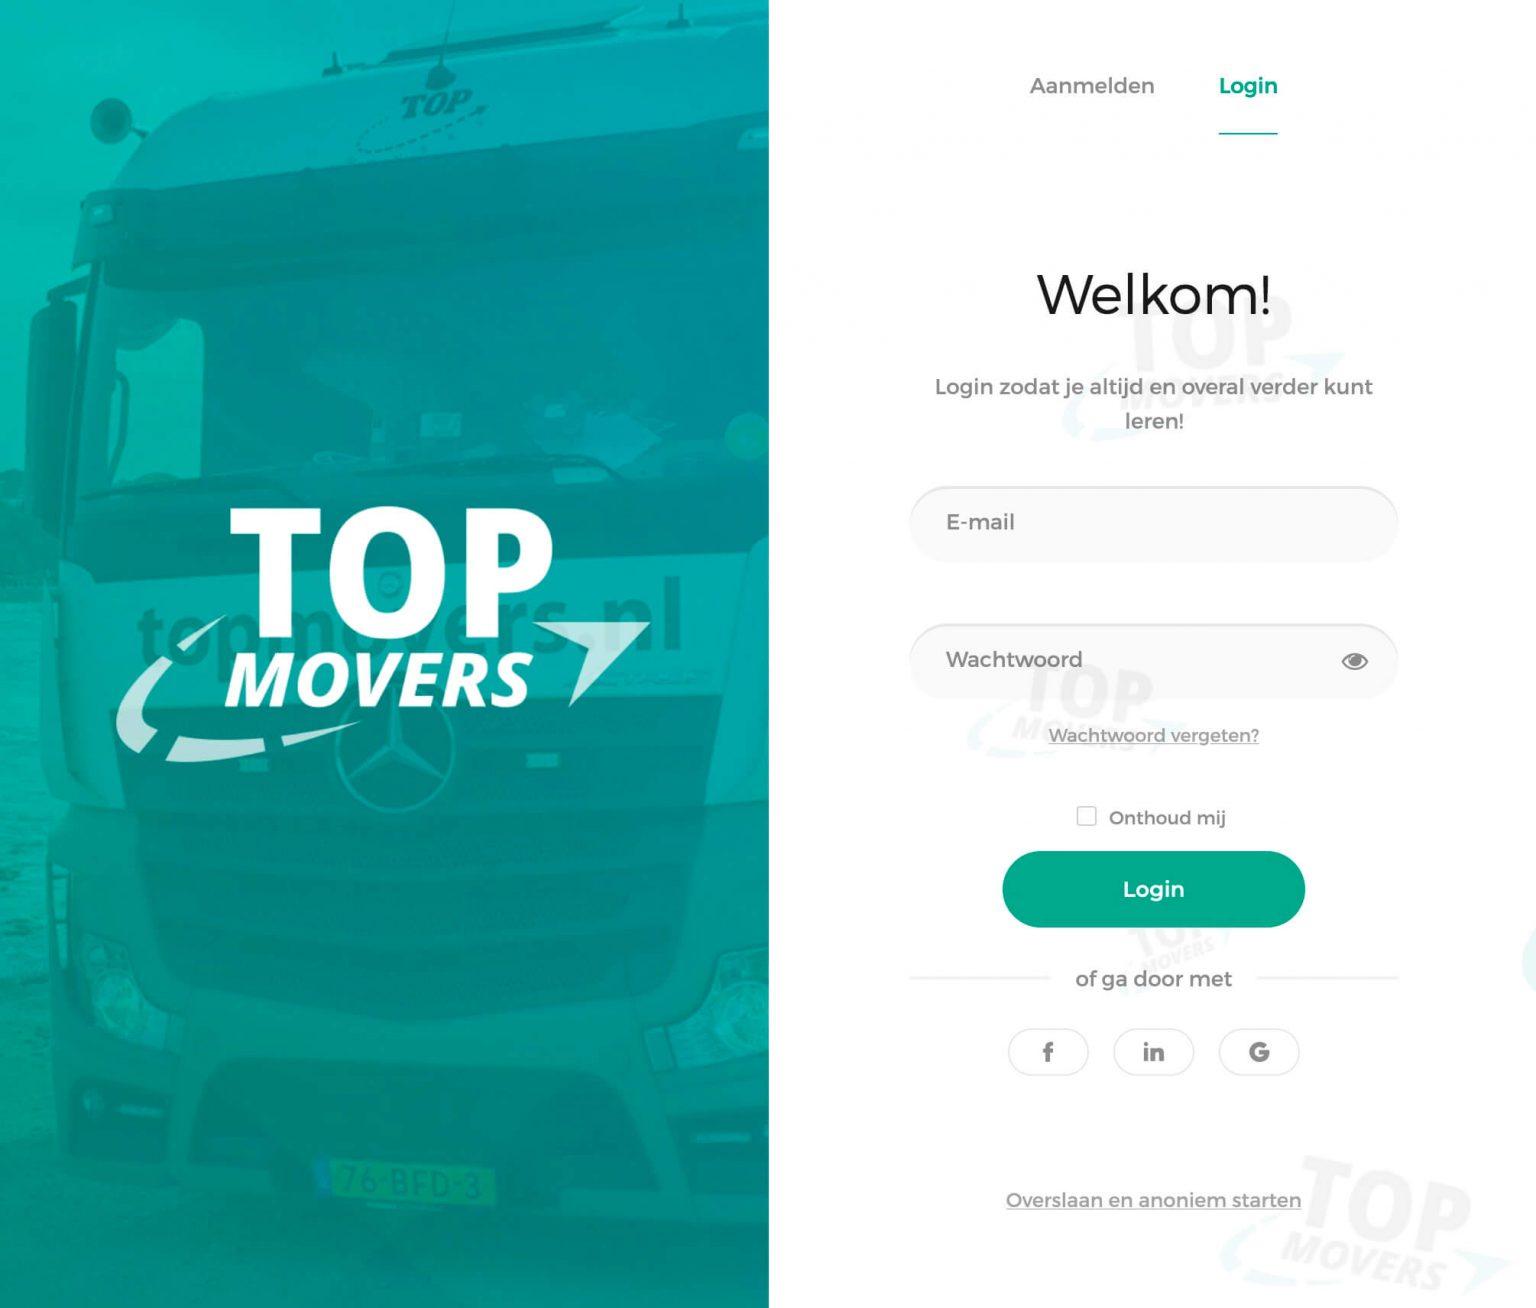 Het HERO concept voor Top Movers